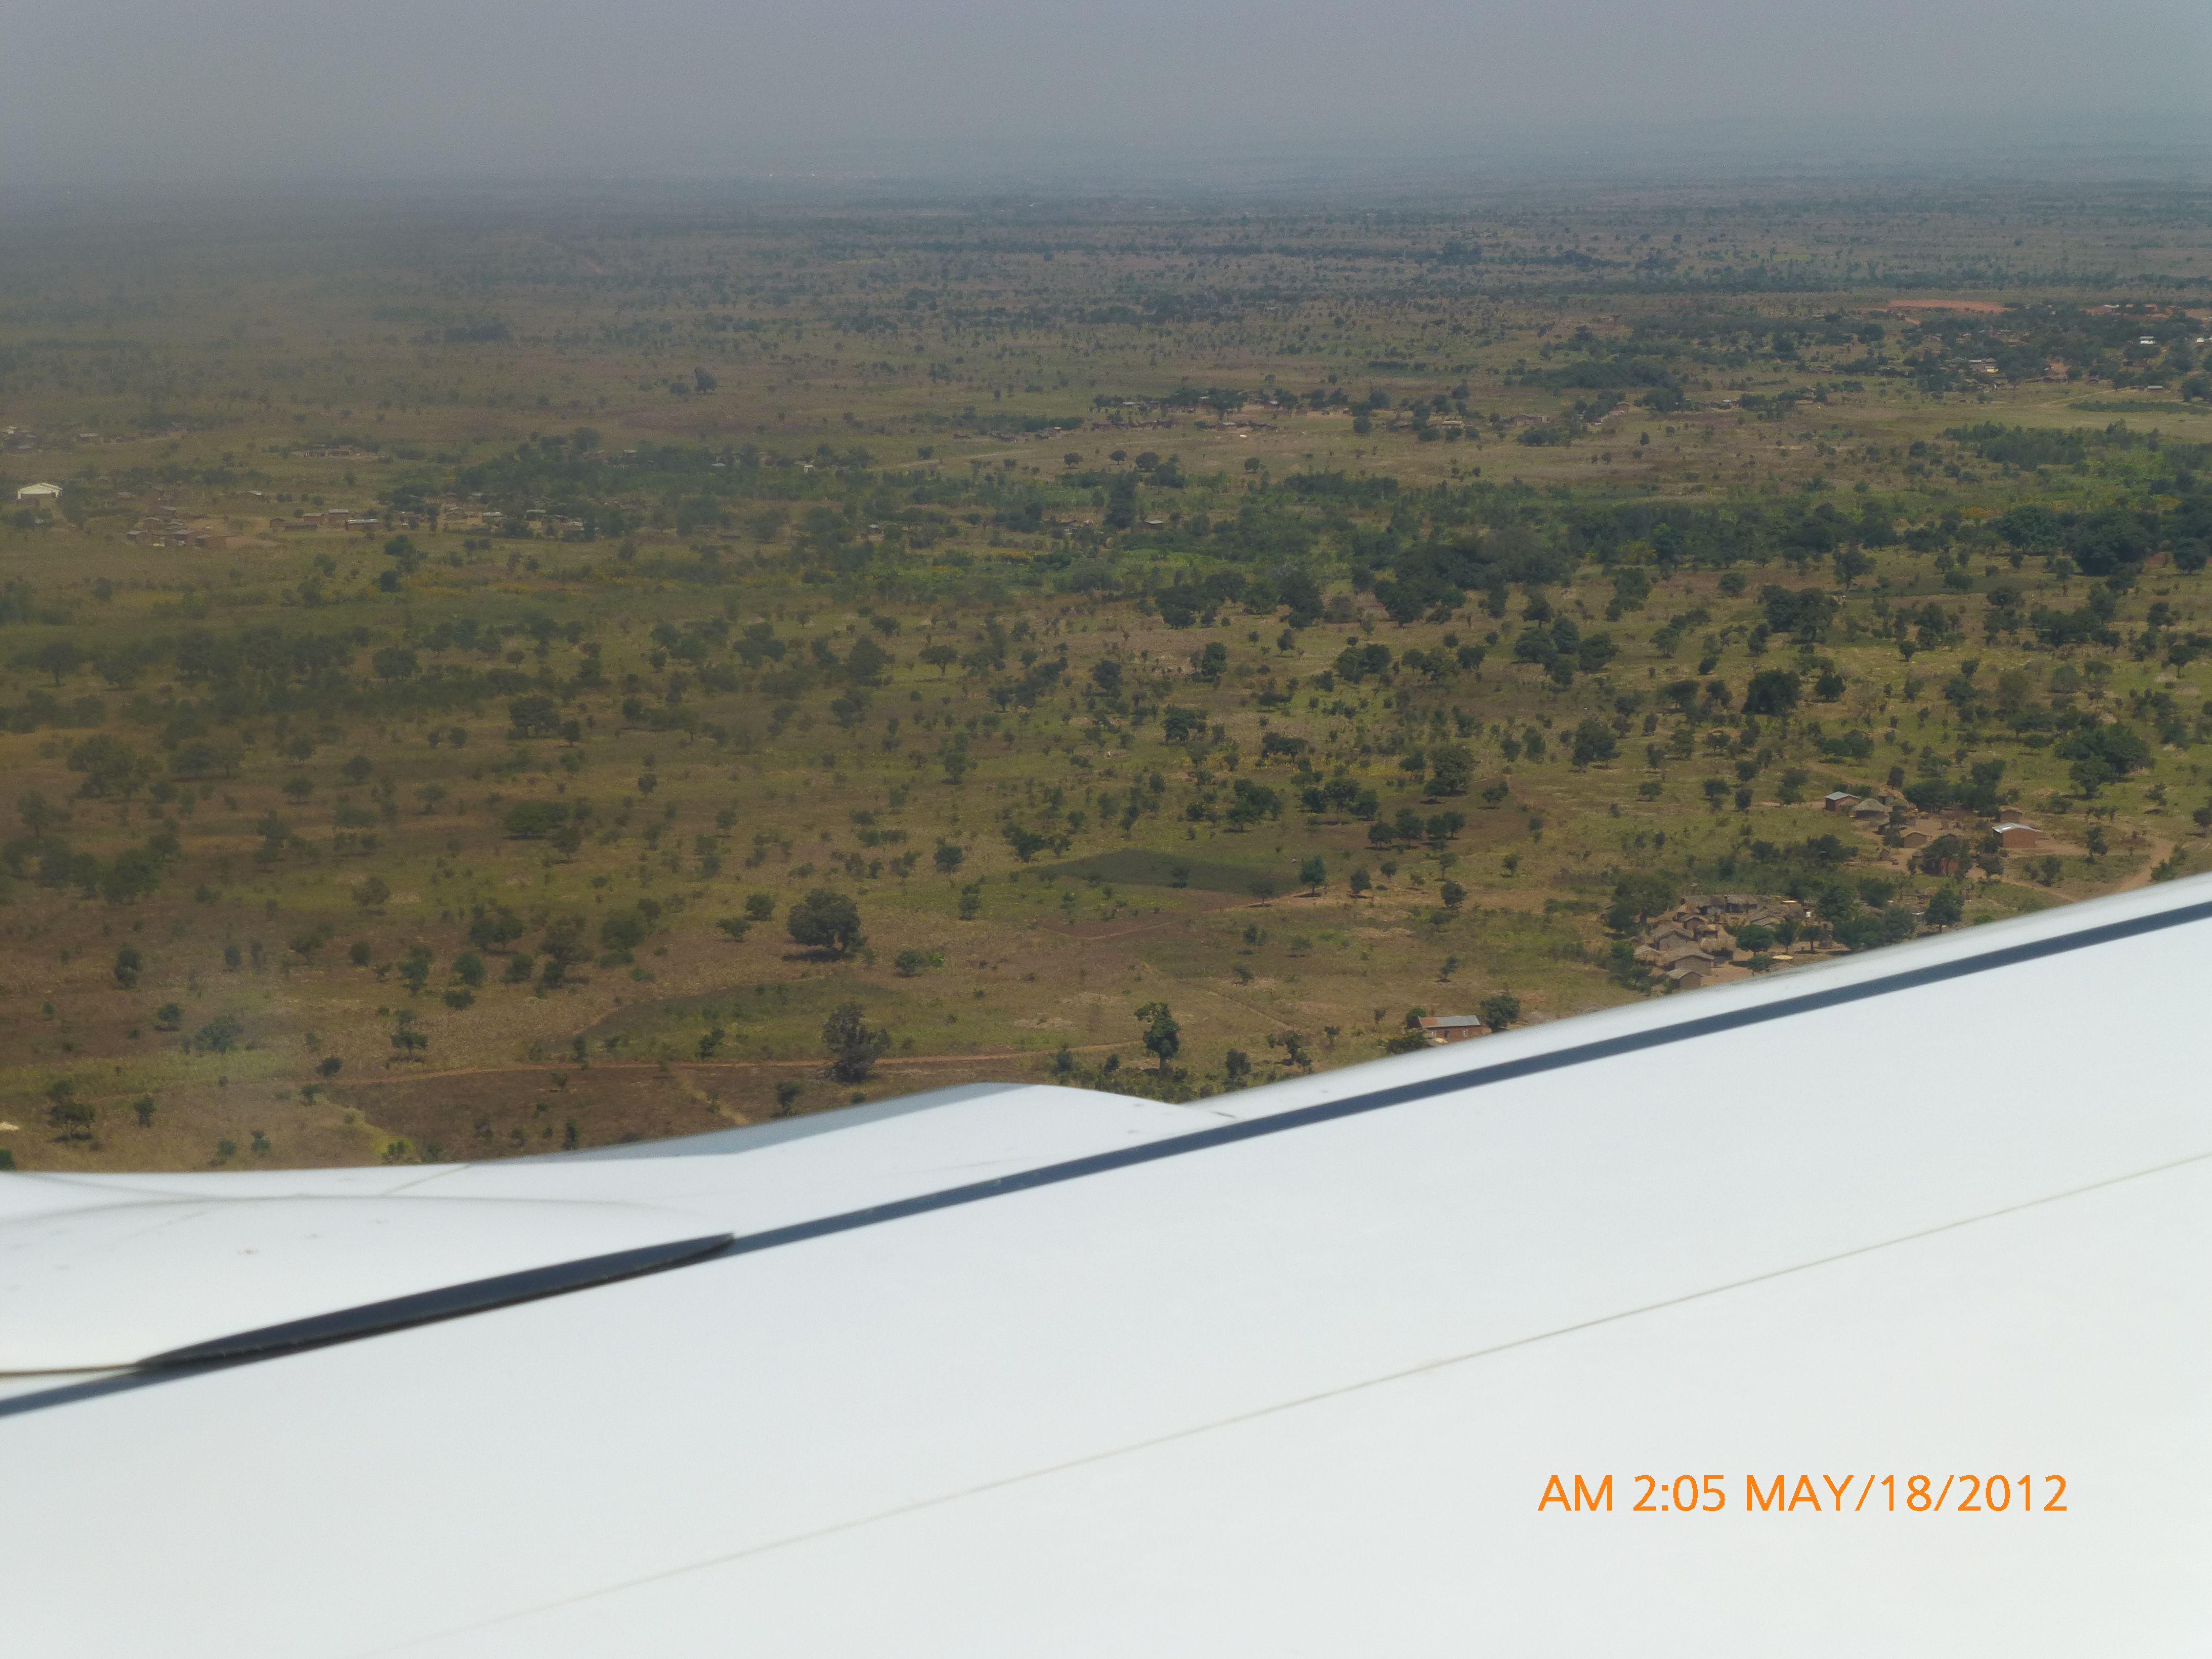 Élisabethville in Katanga